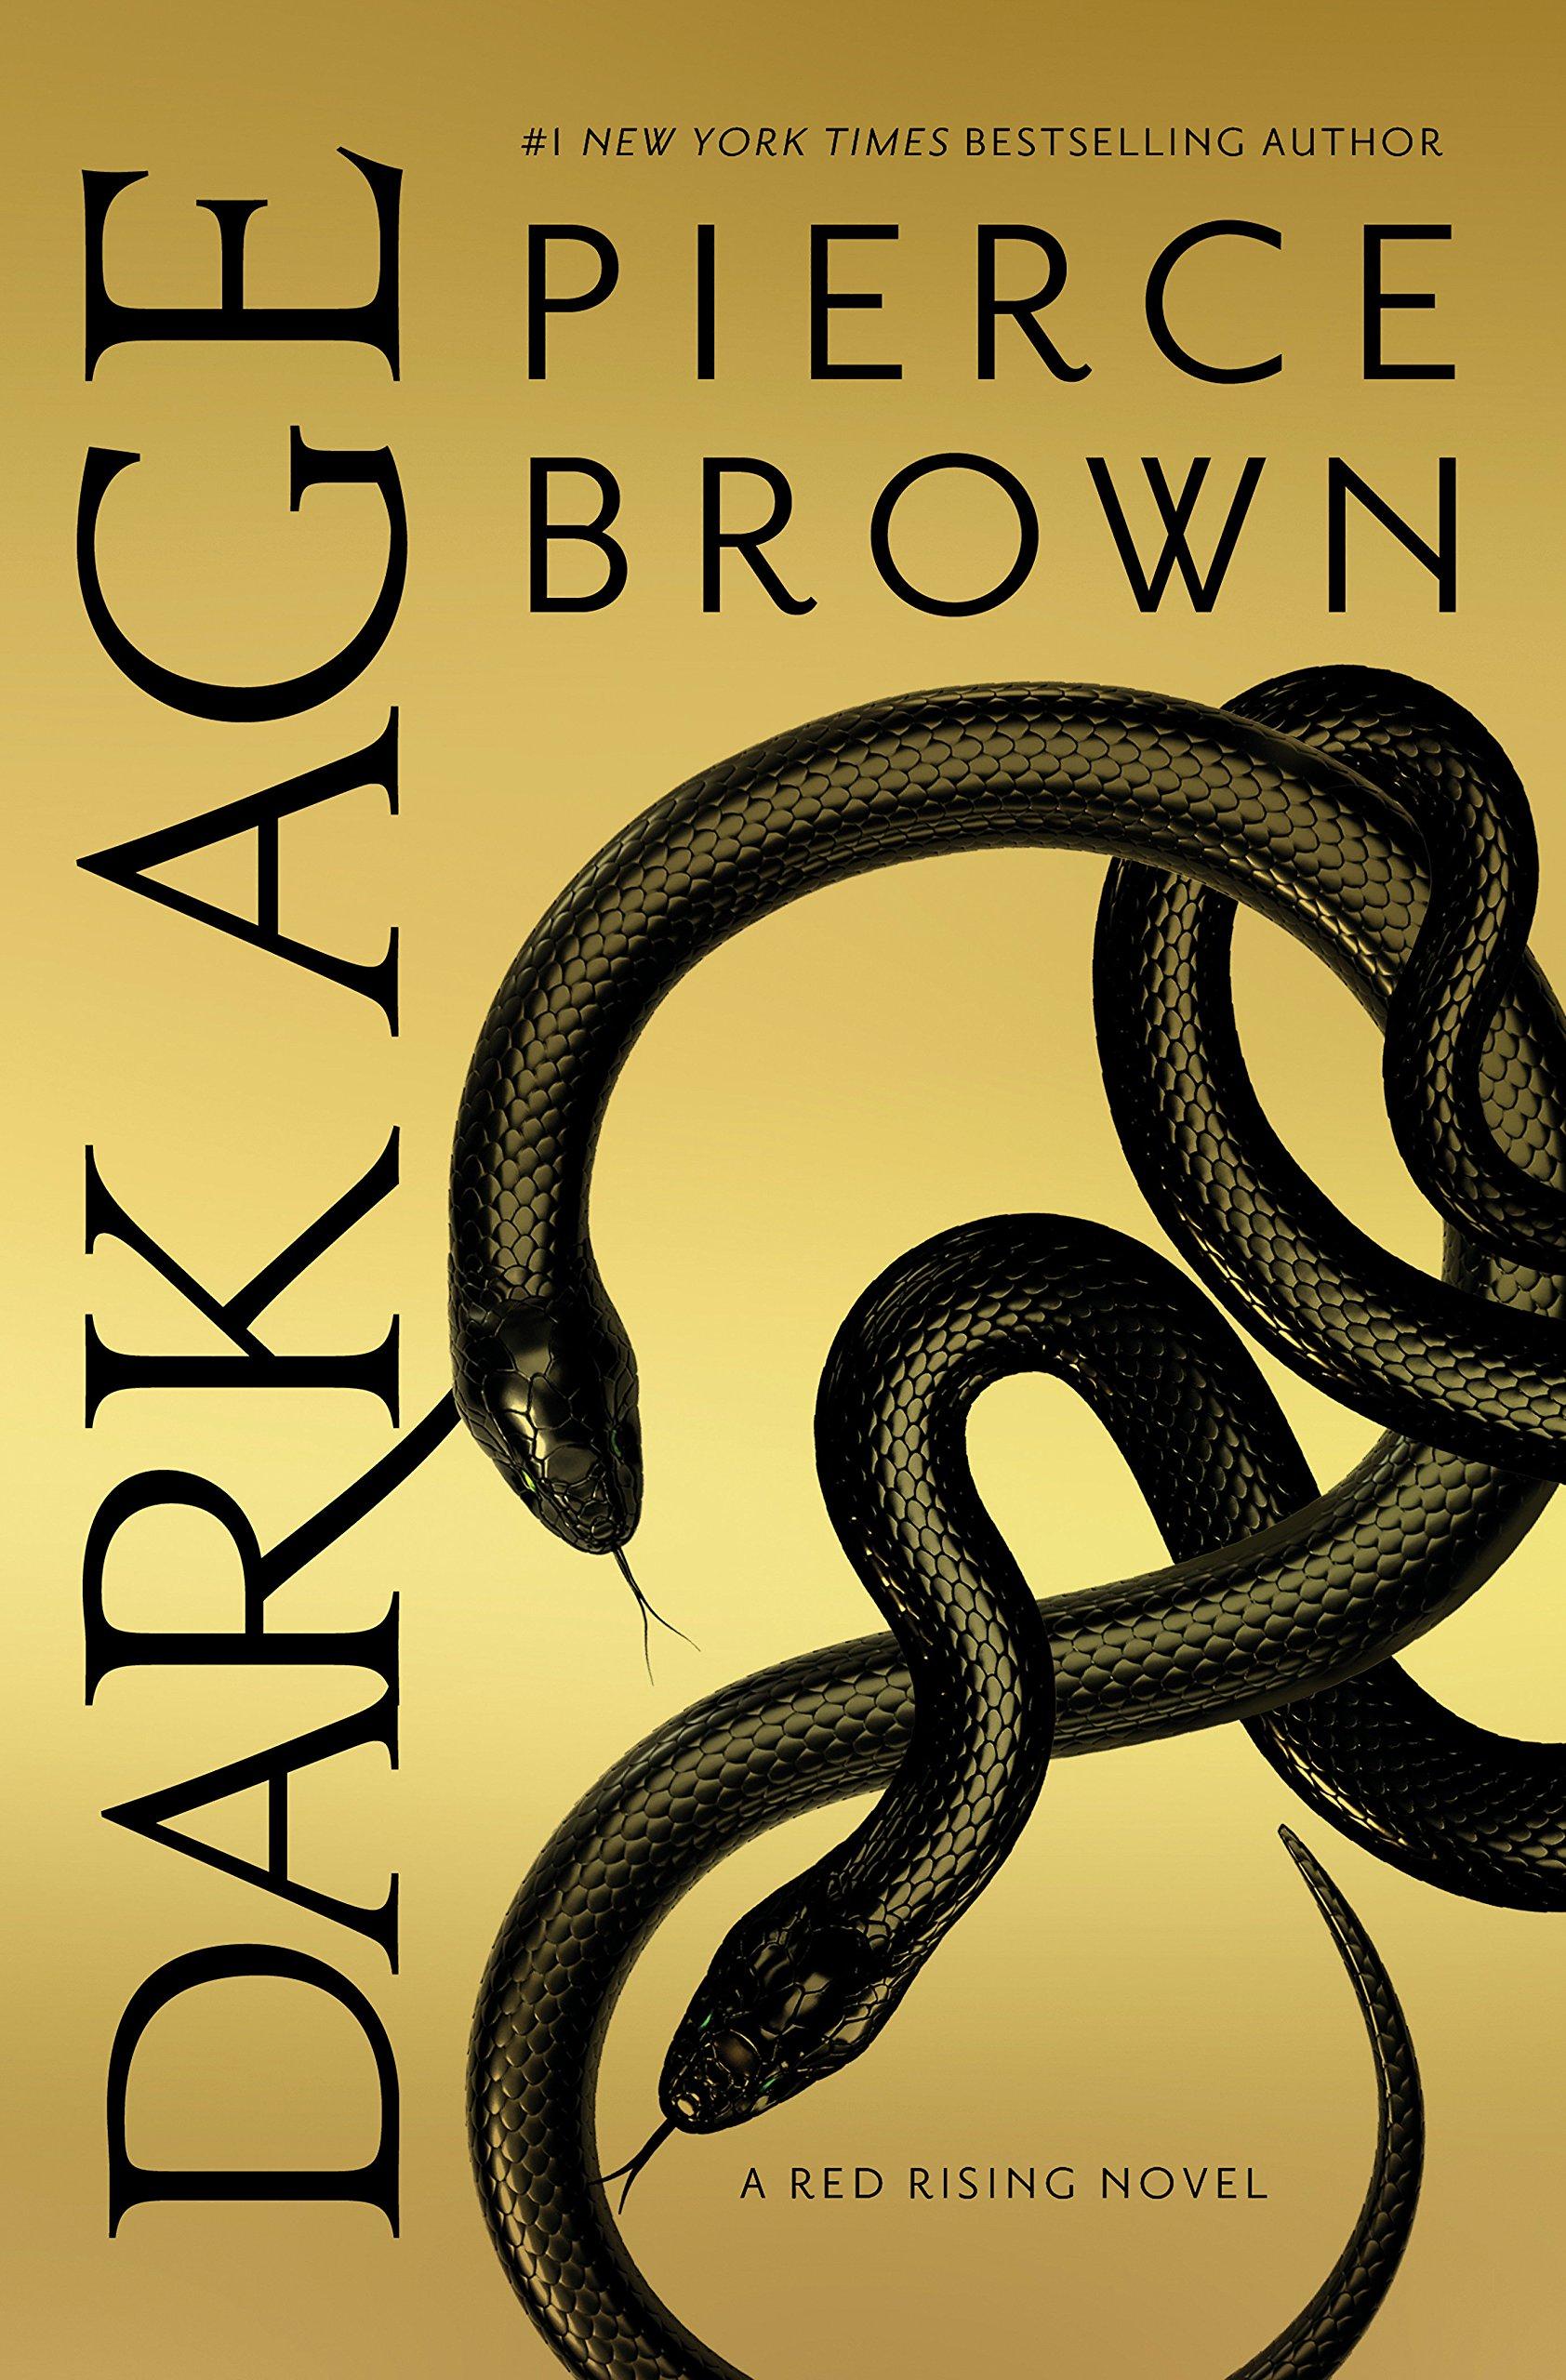 >Dark Age by Pierce Brown